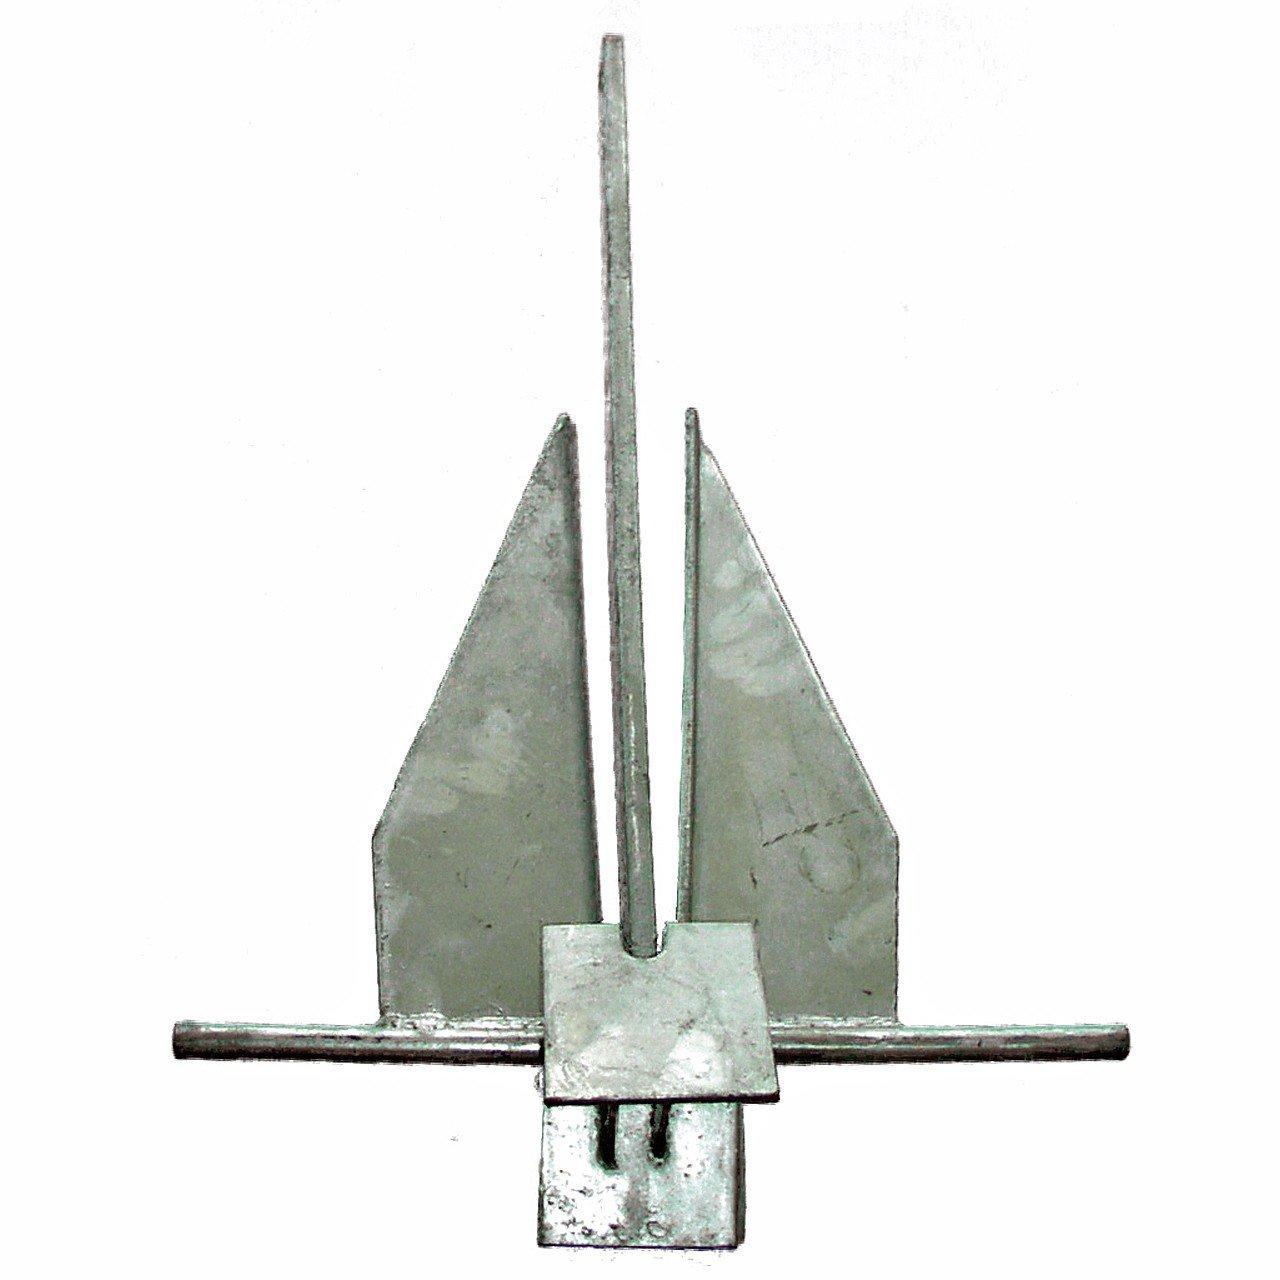 Osculati S.p.A. Danforth Anker verzinkter Stahl 6, 0 kg